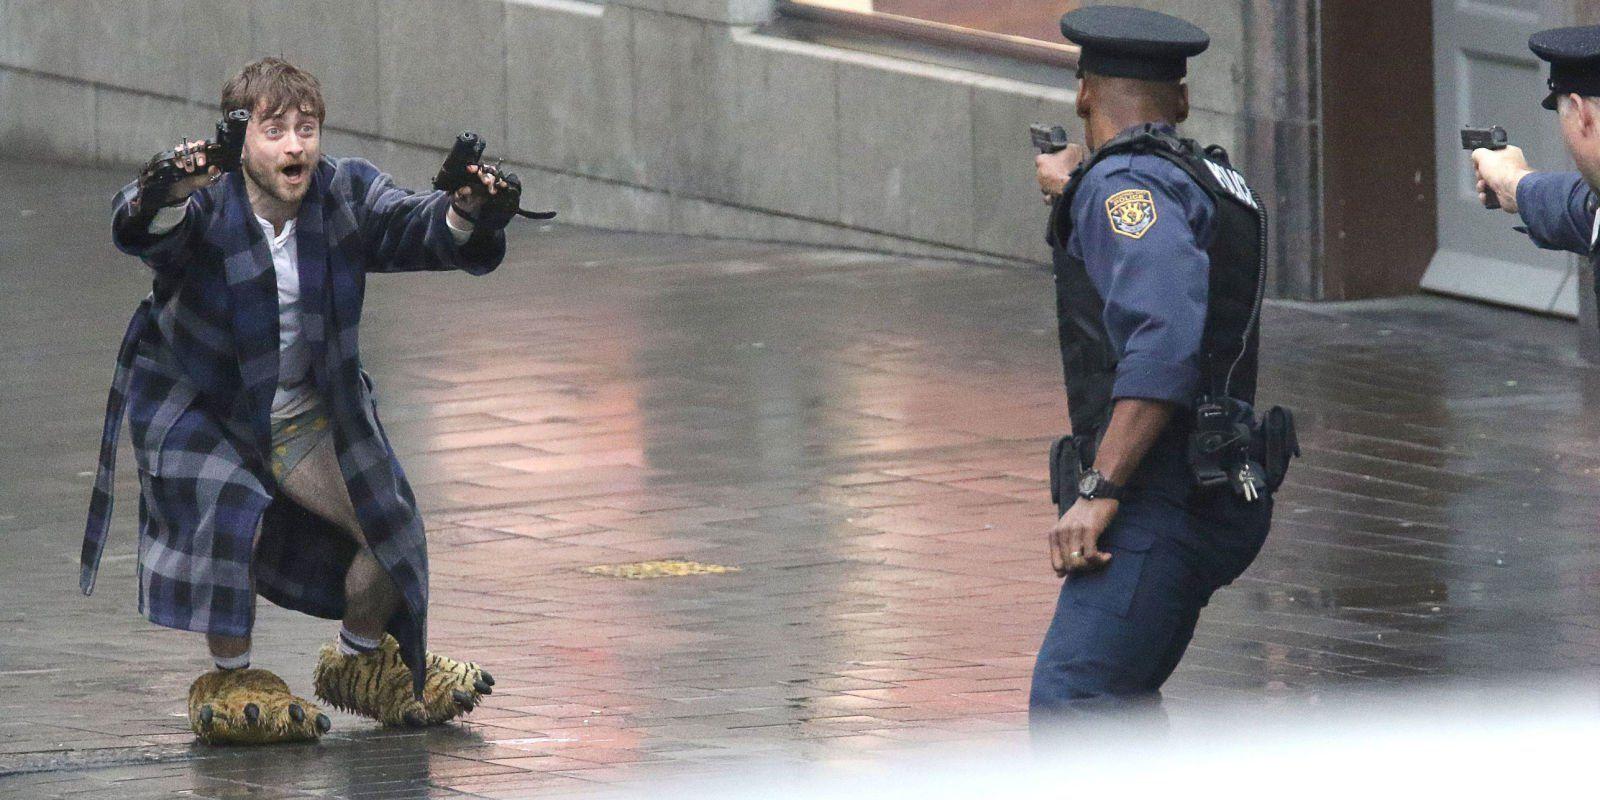 Guns Akimbo (TBA) Photo   Daniel radcliffe, Guns akimbo, Movie photo